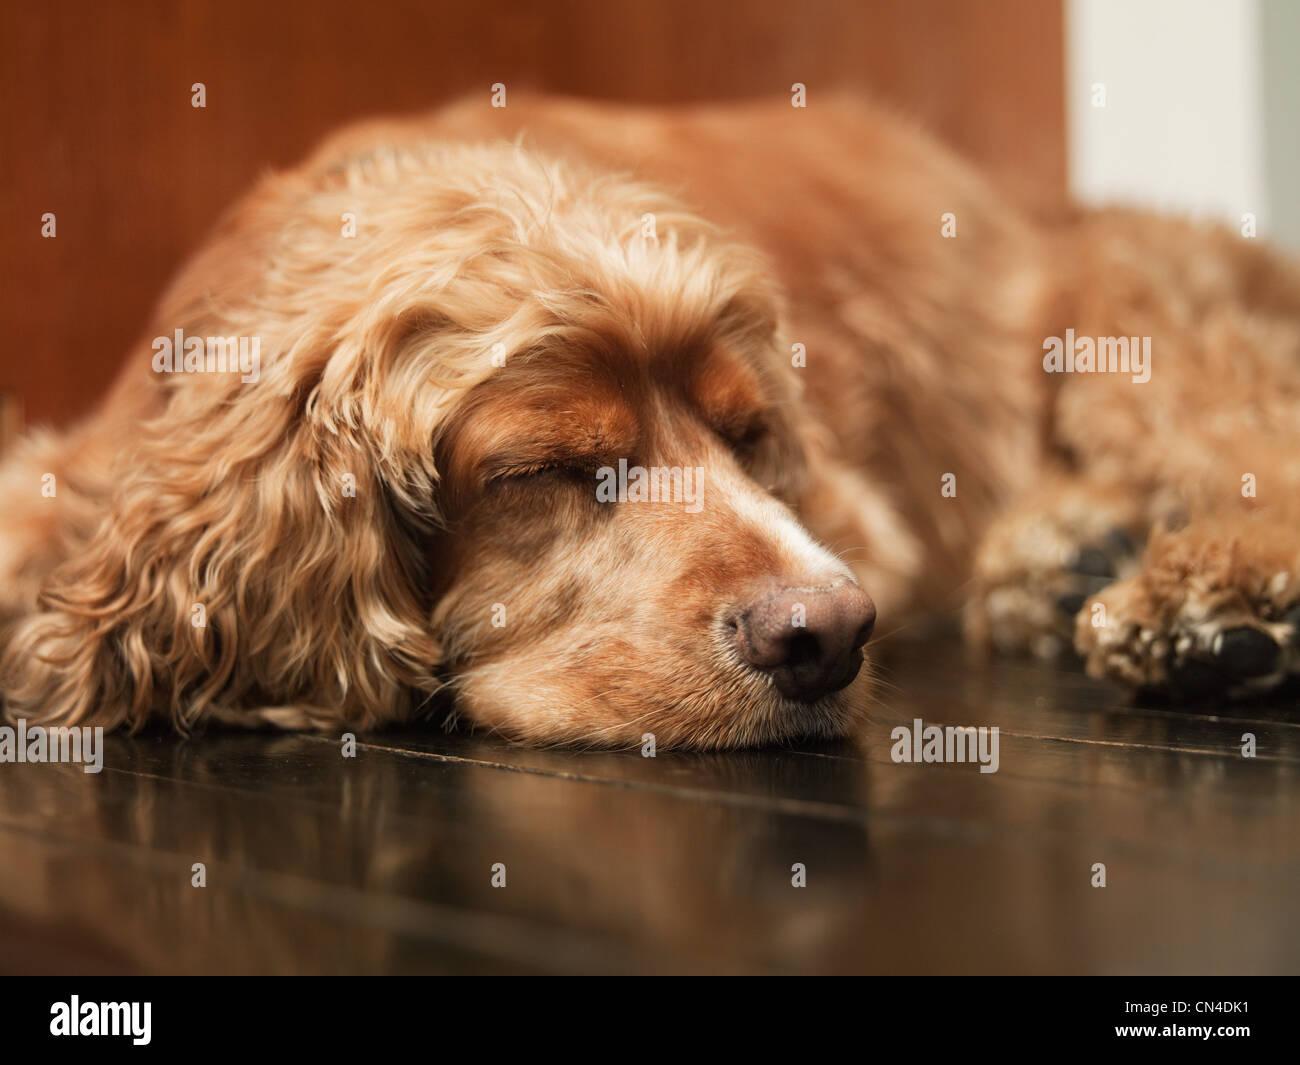 Pet dog lying on floor sleeping - Stock Image